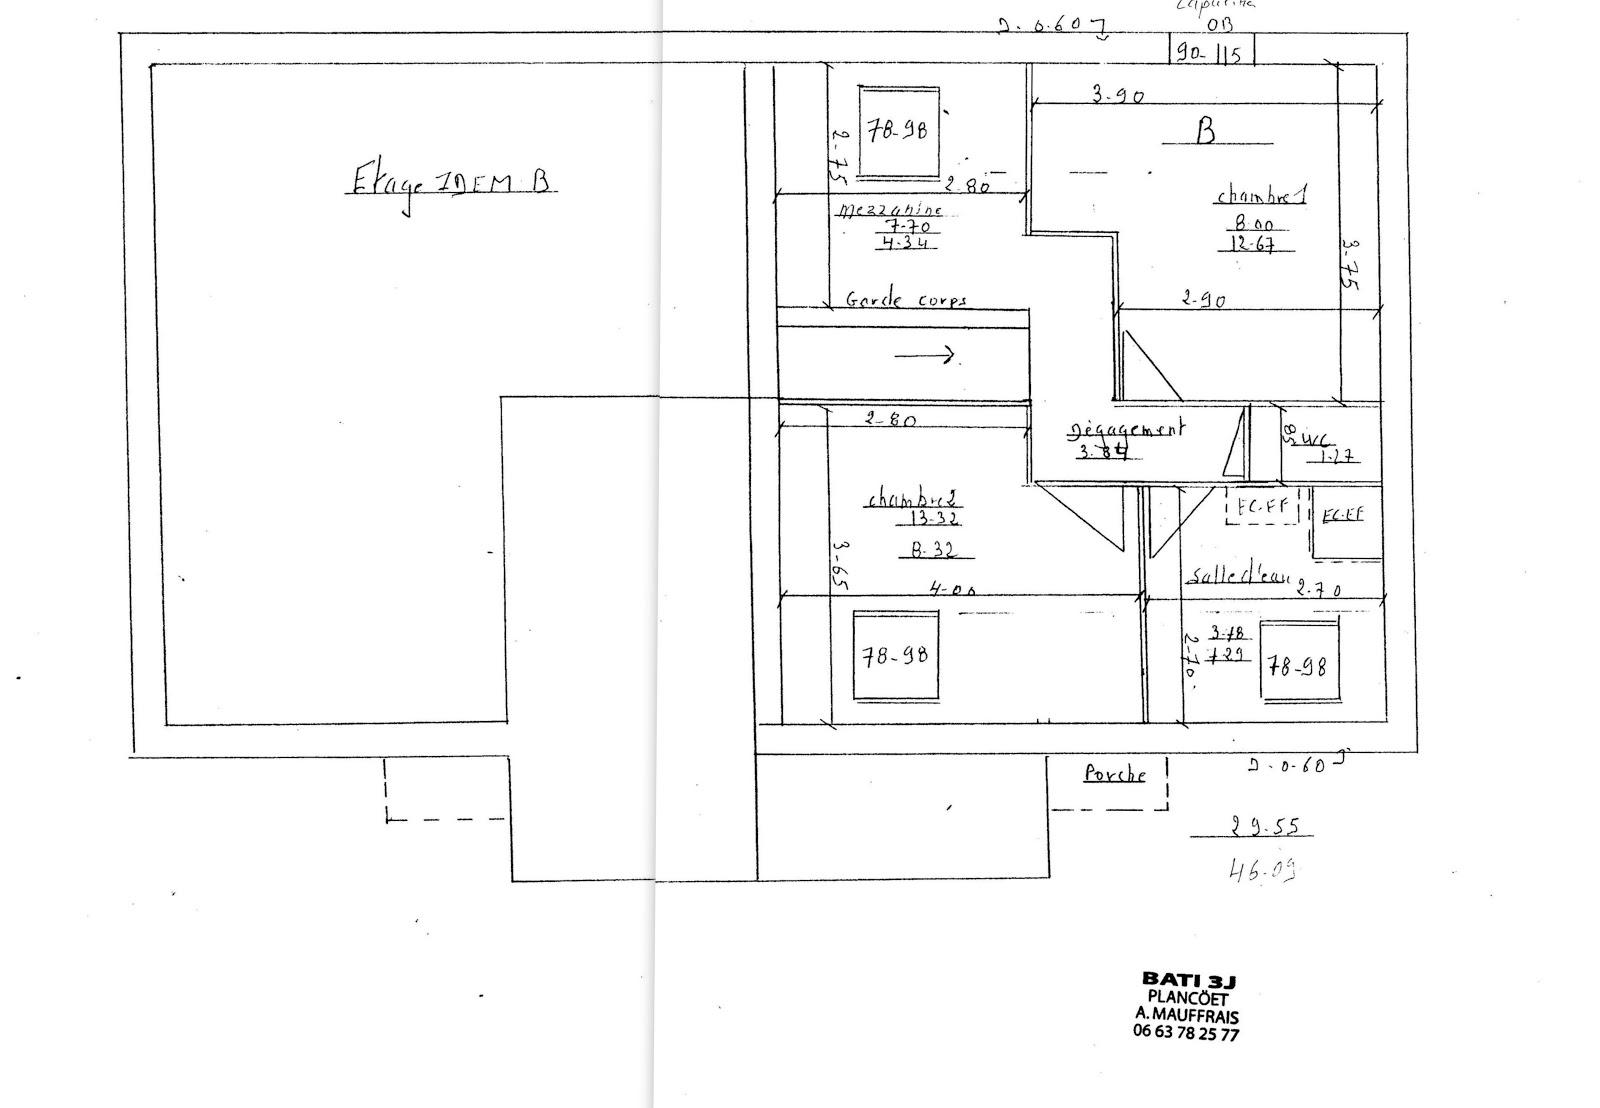 Plan maison pour permis de construire for Plan de situation pour permis de construire